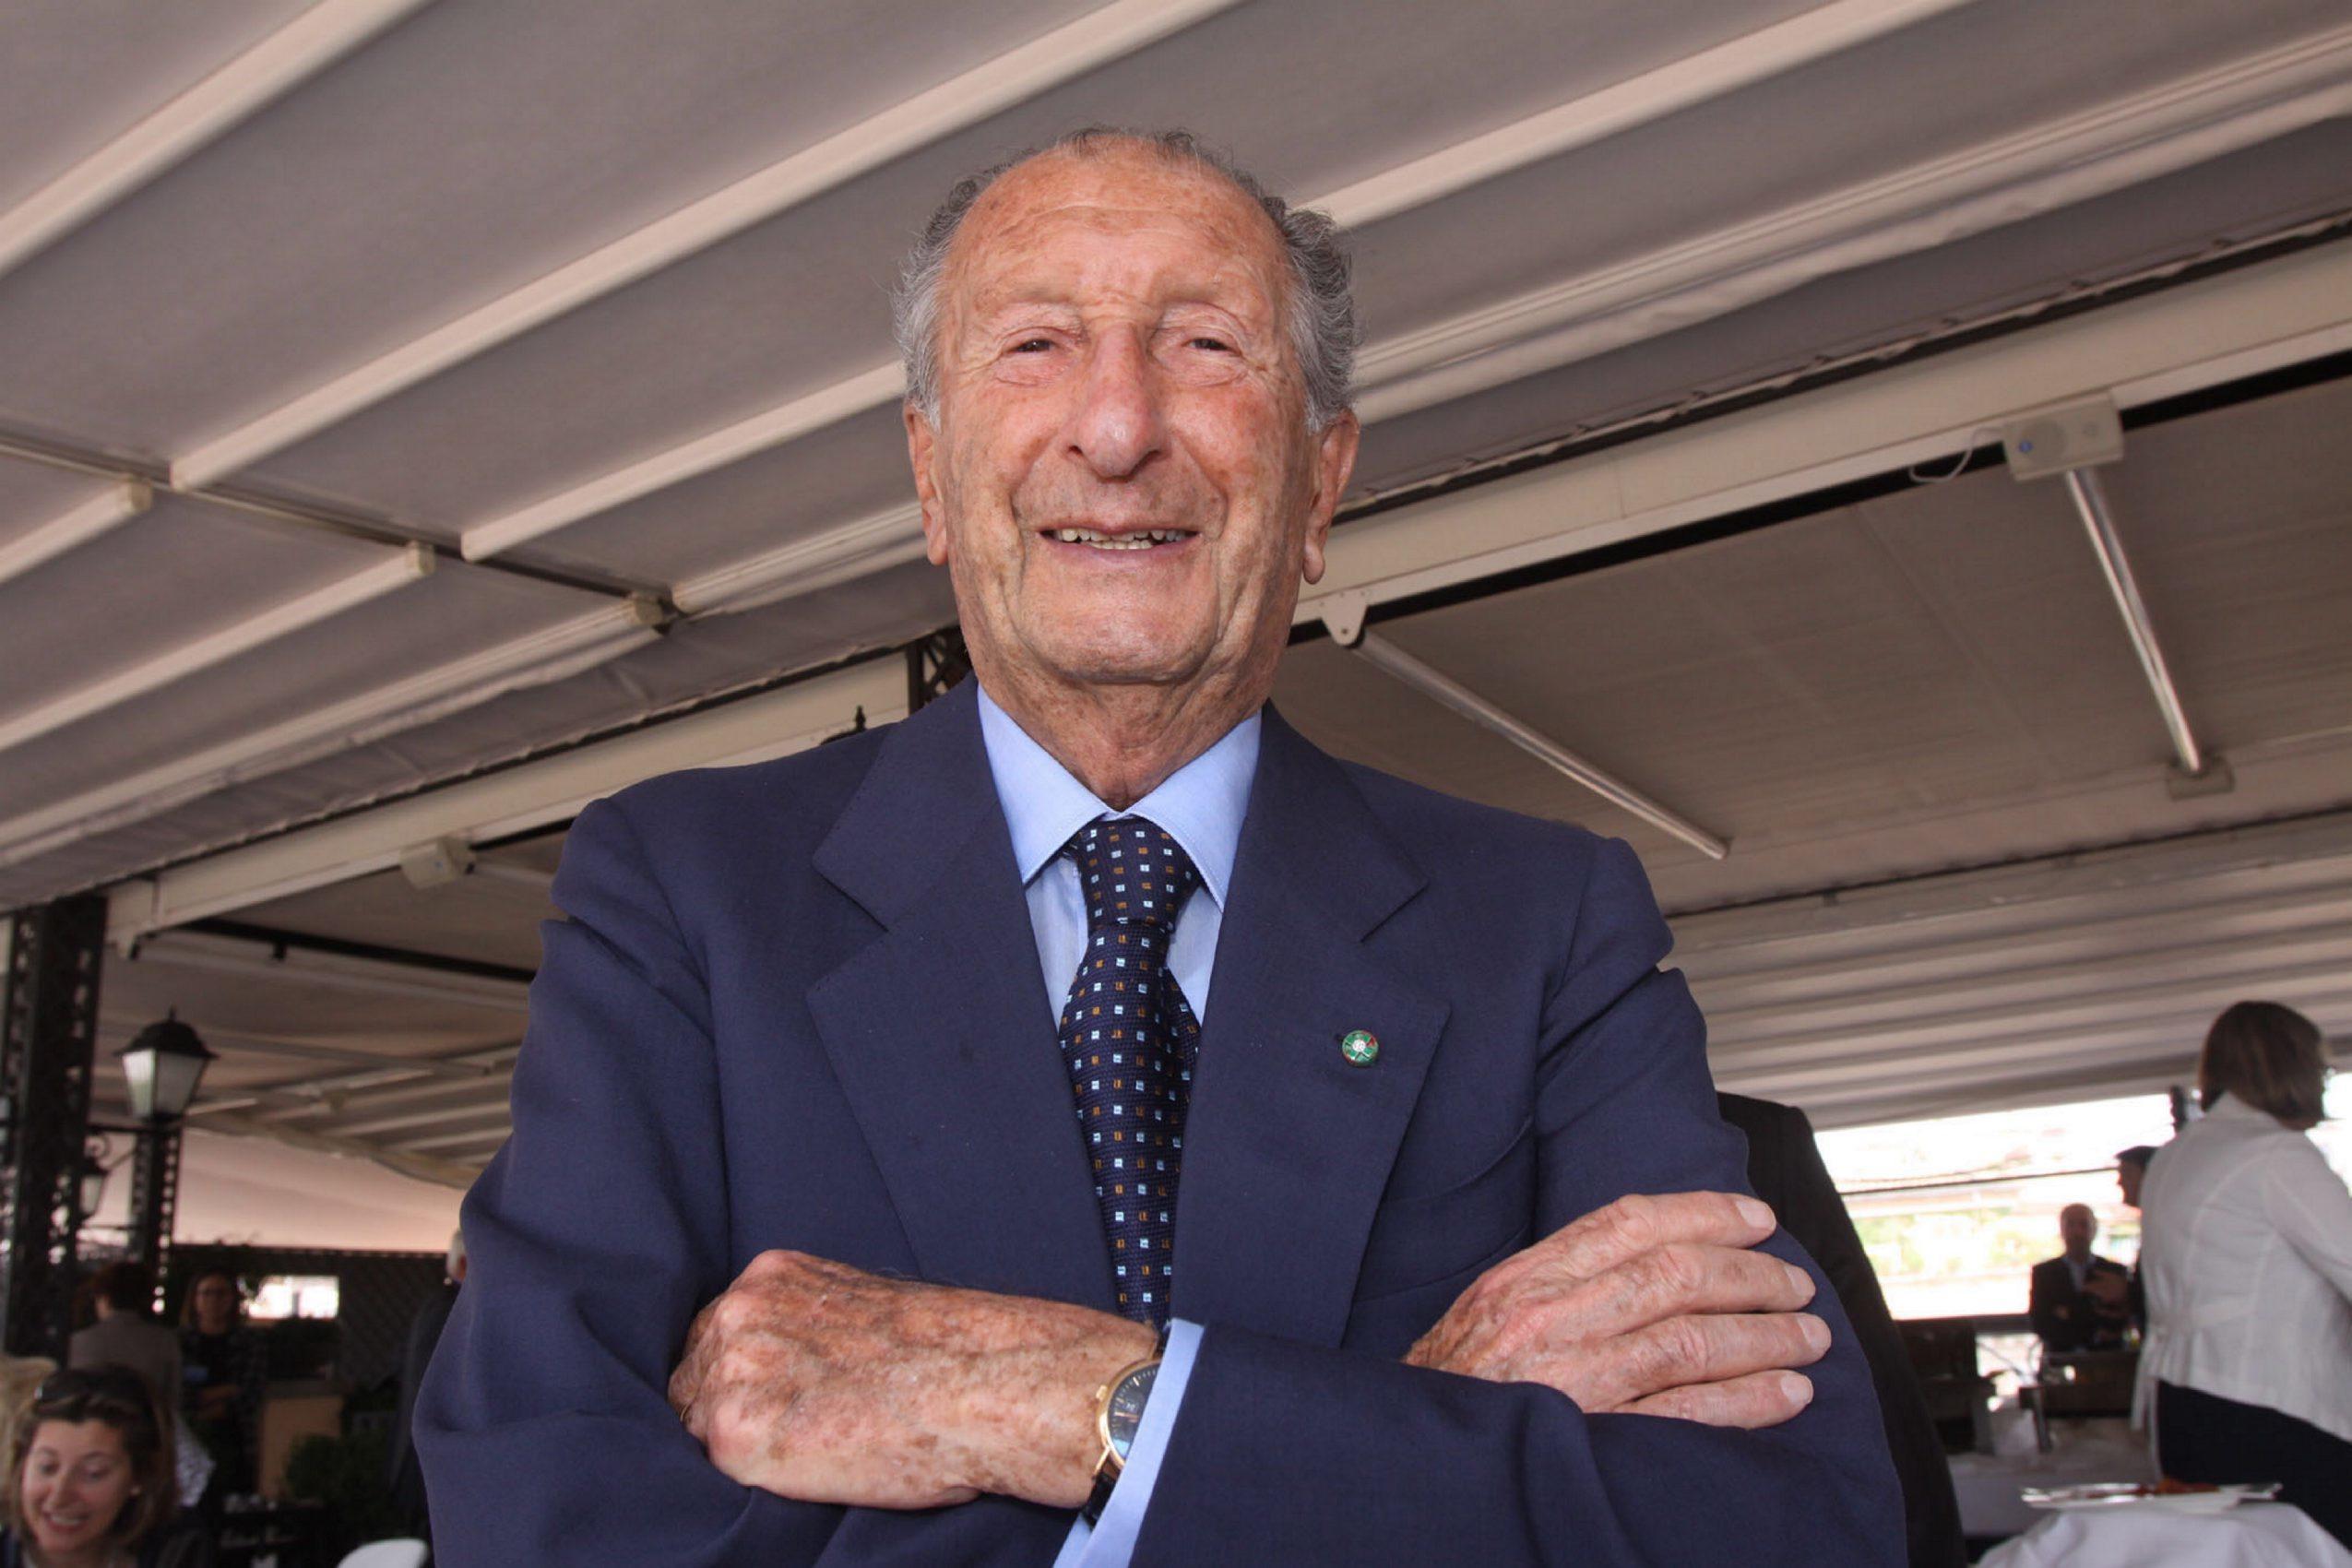 Addio a Nardini  il gentleman  della grappa C_2_articolo_3136665_upiImagepp